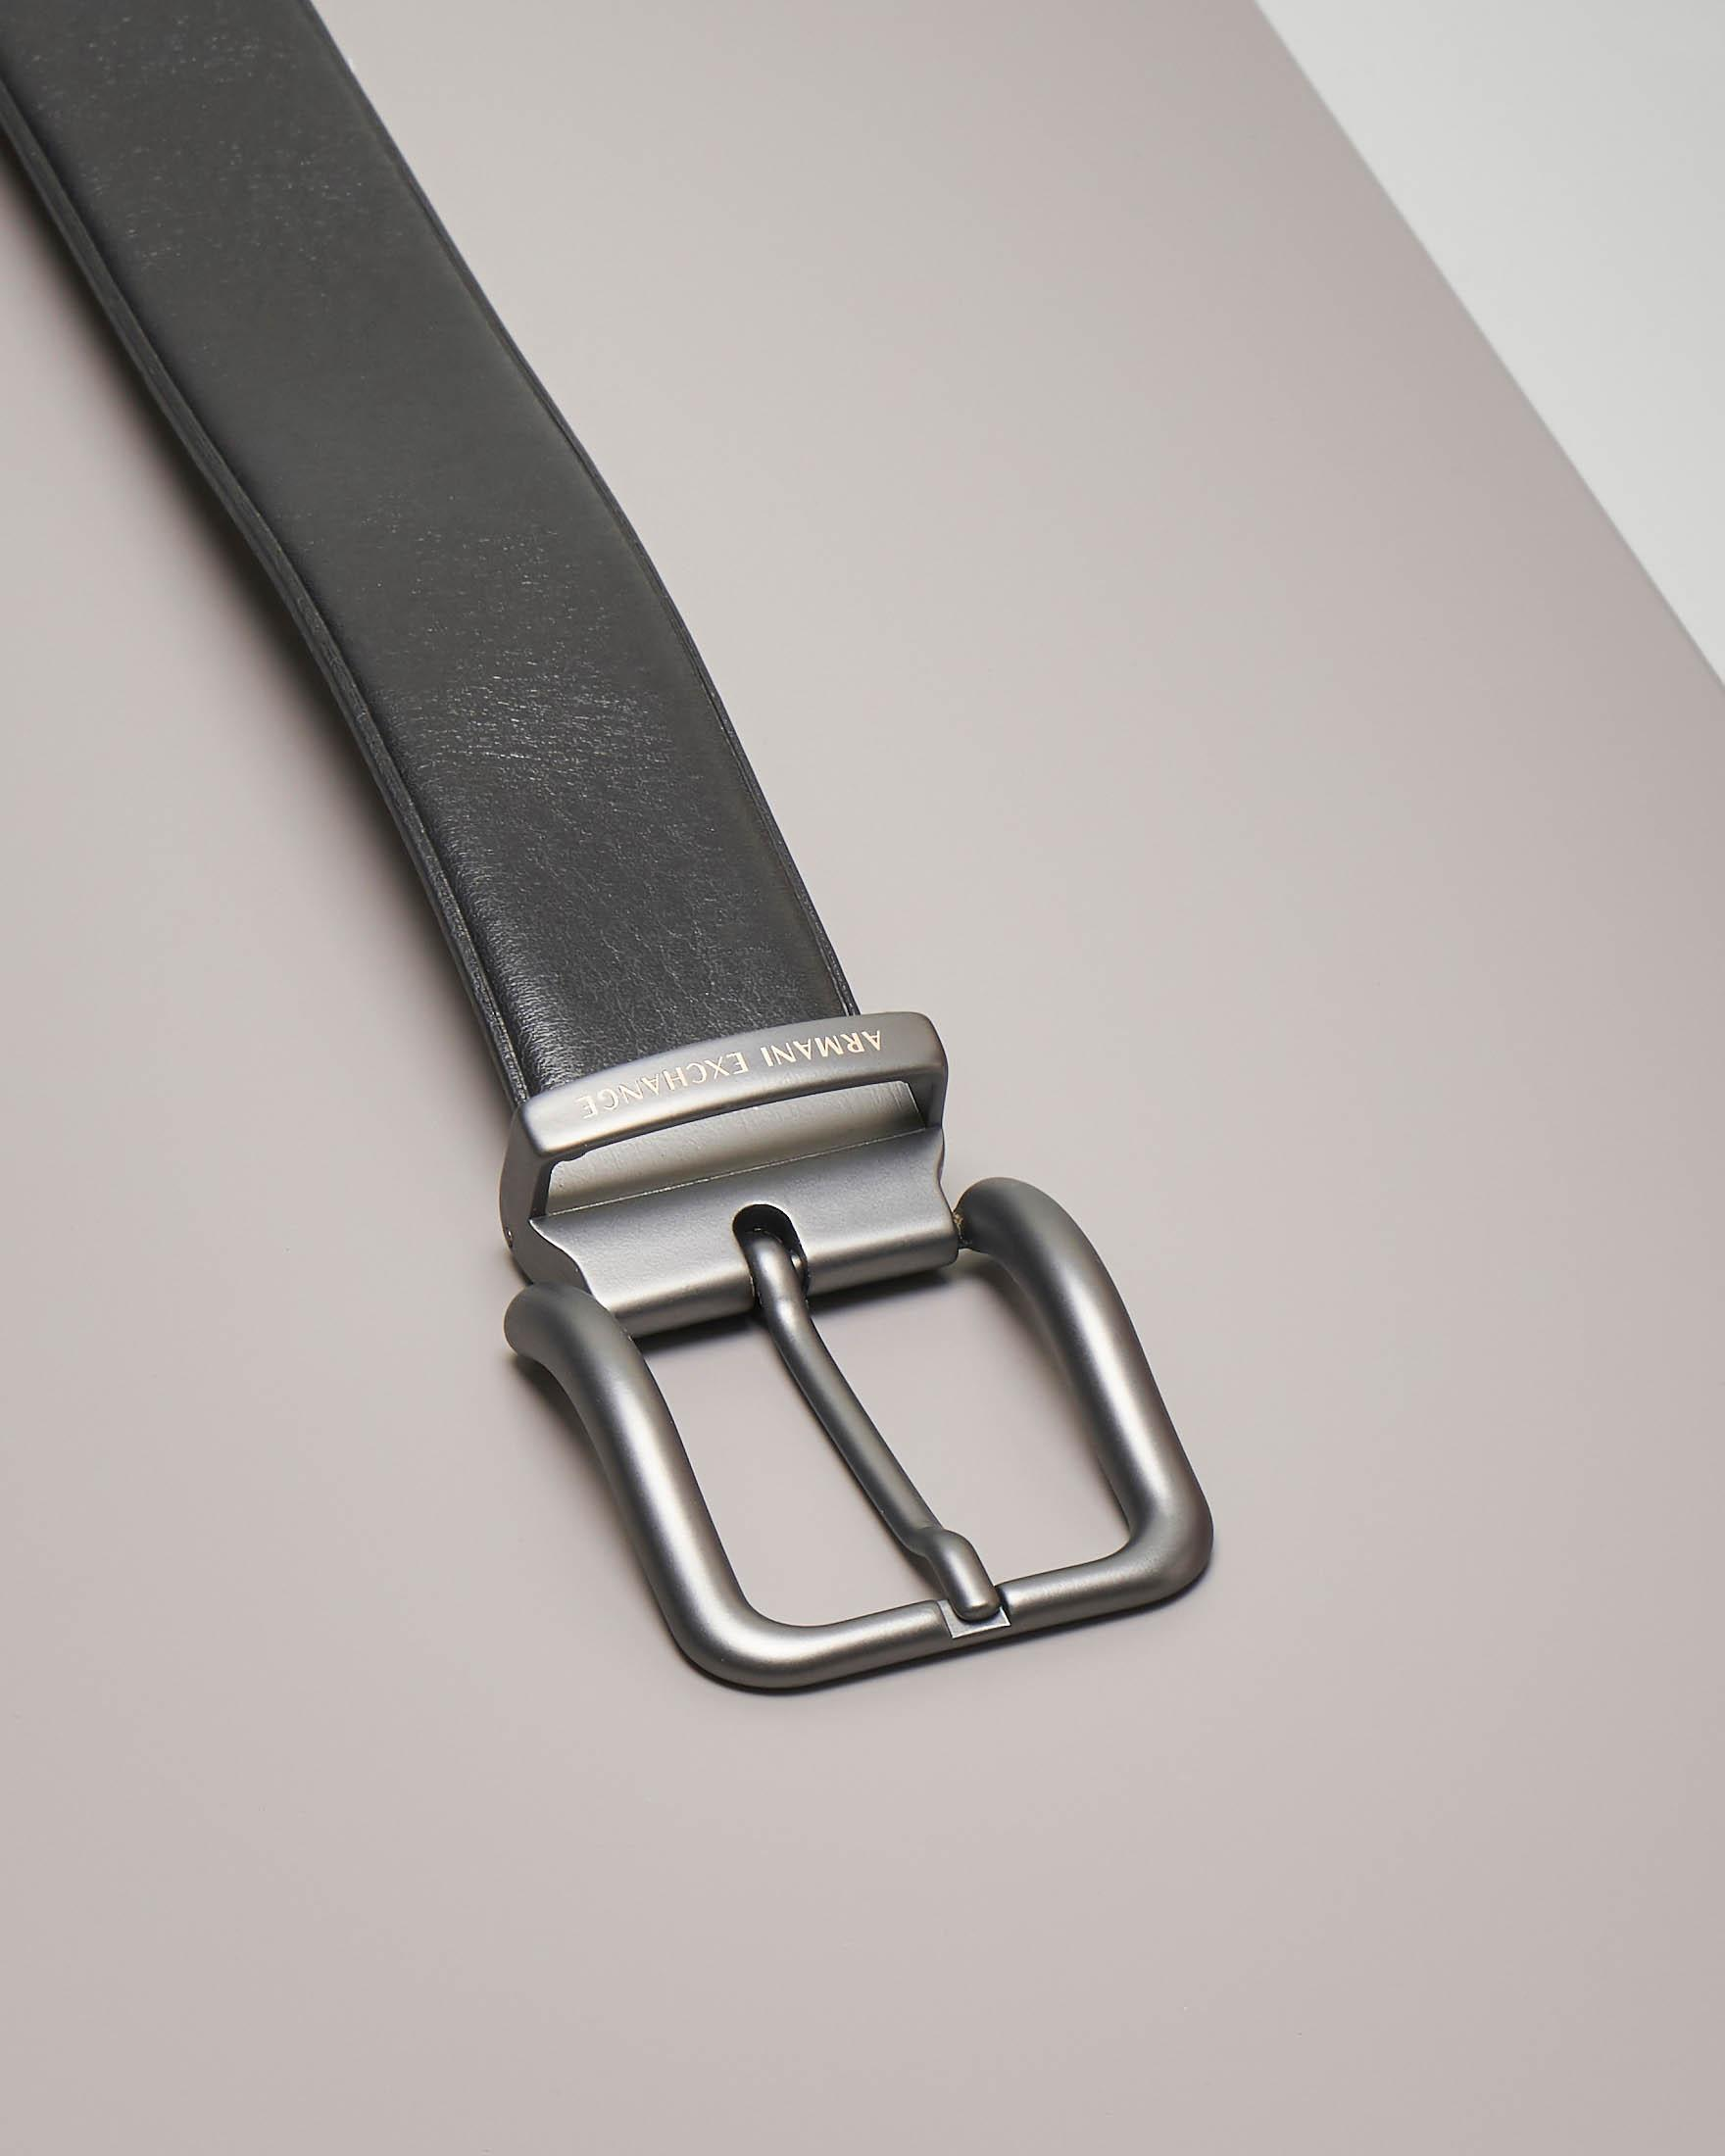 Cintura nera in pelle con doppia fibbia sostituibile